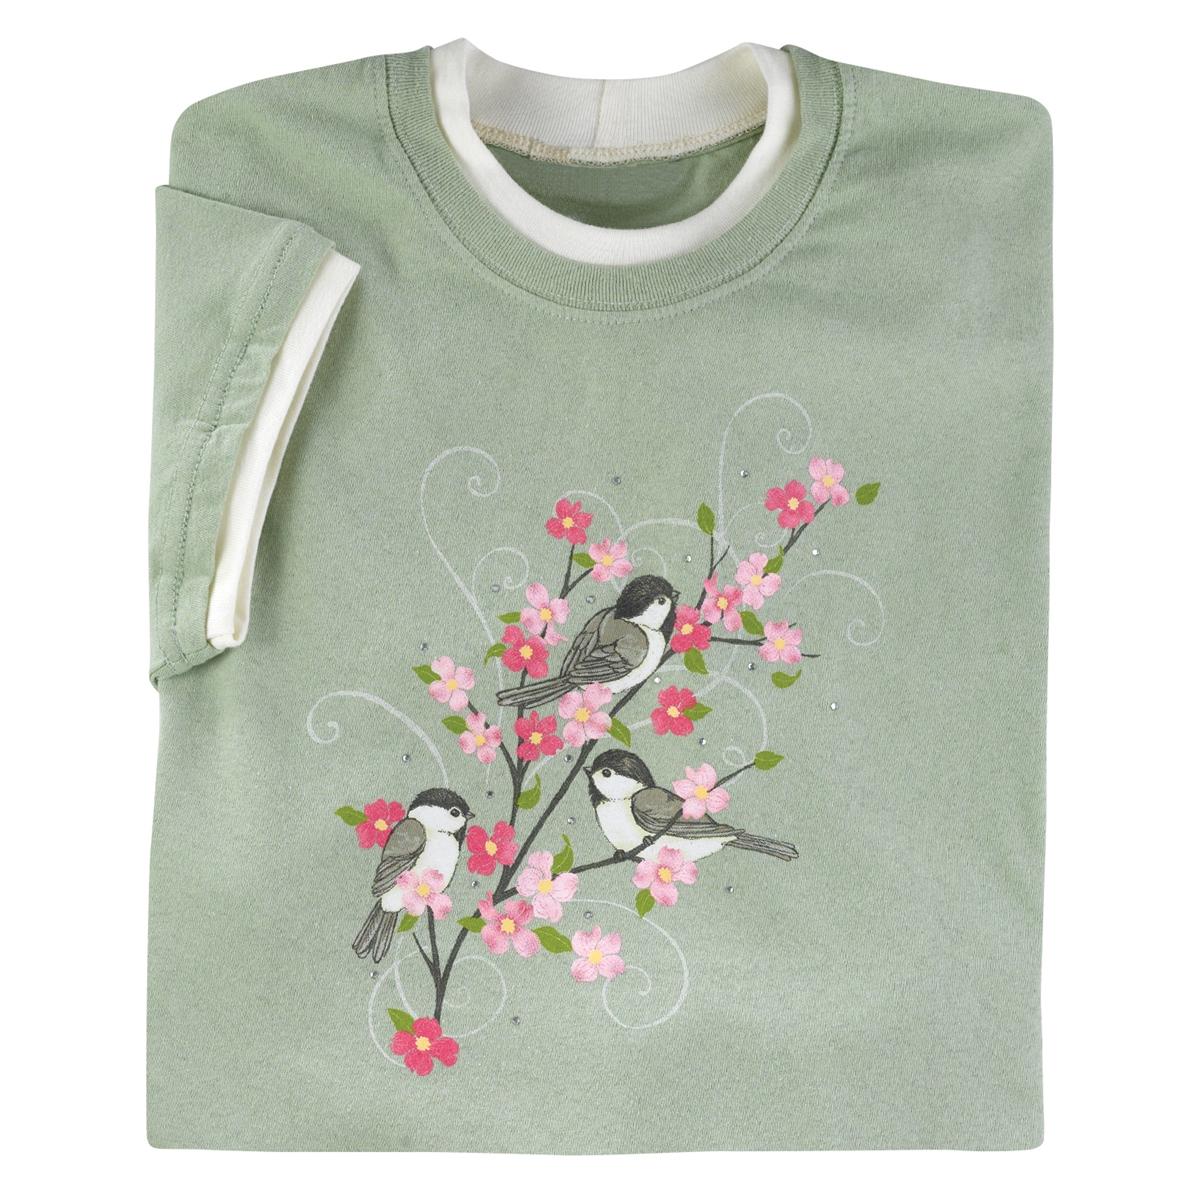 Bough Blossom Tee